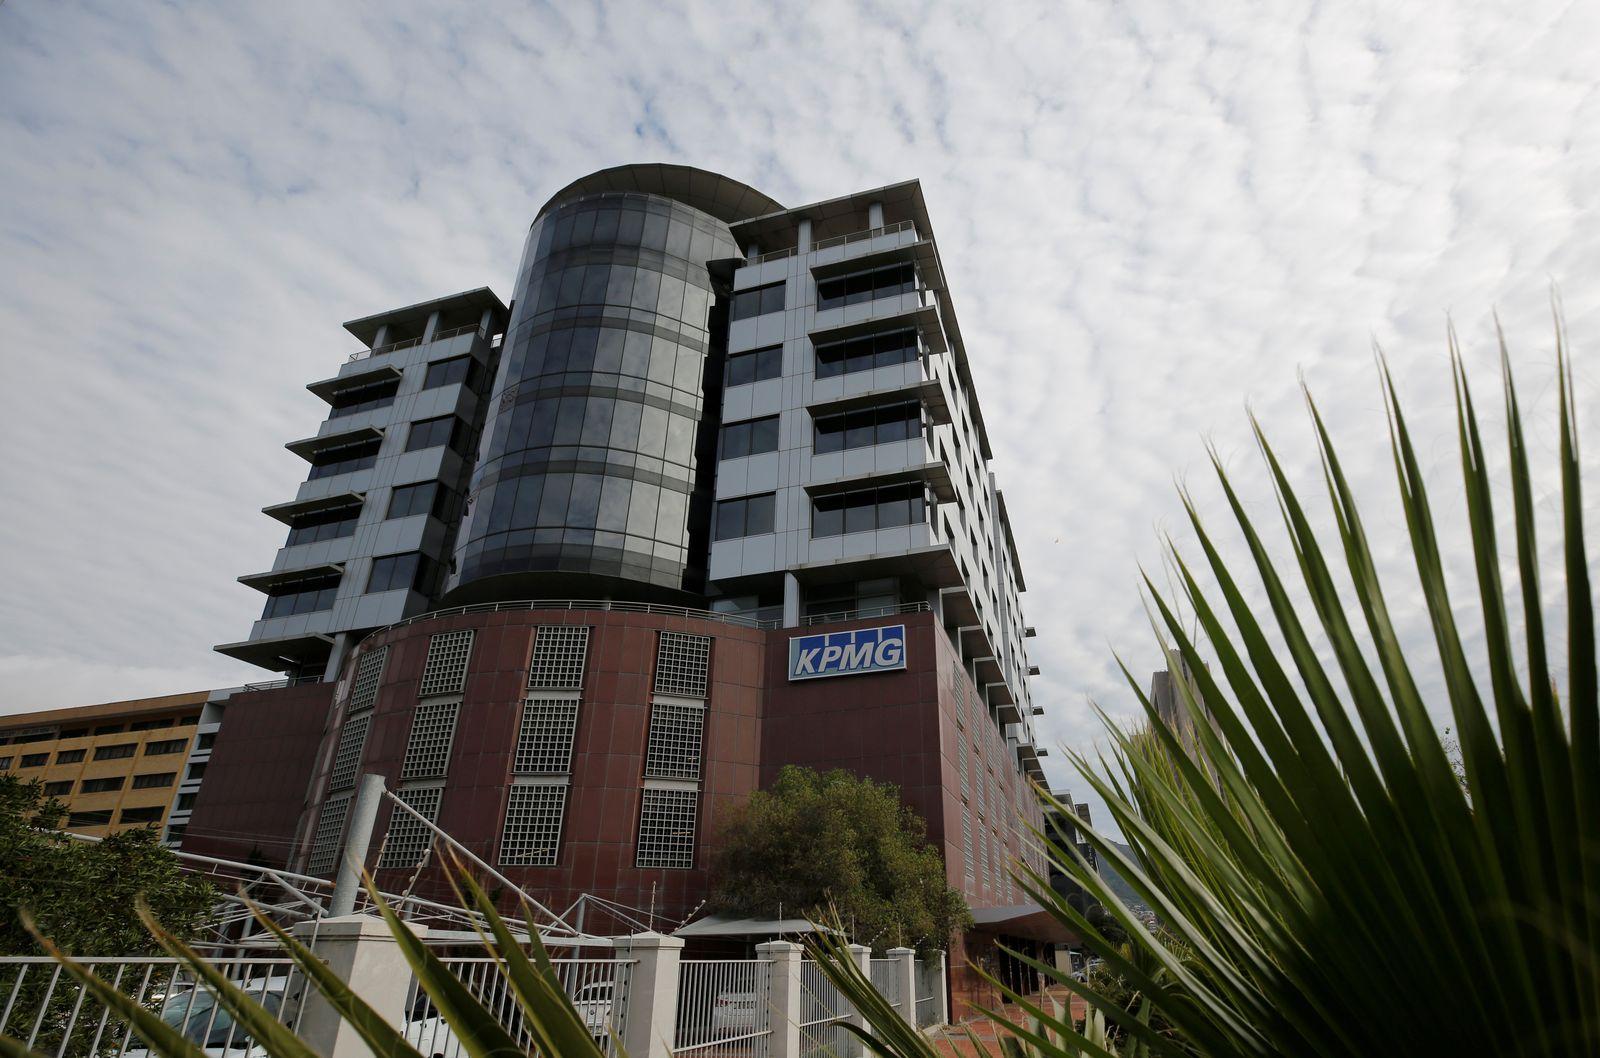 KPMG Kapstadt